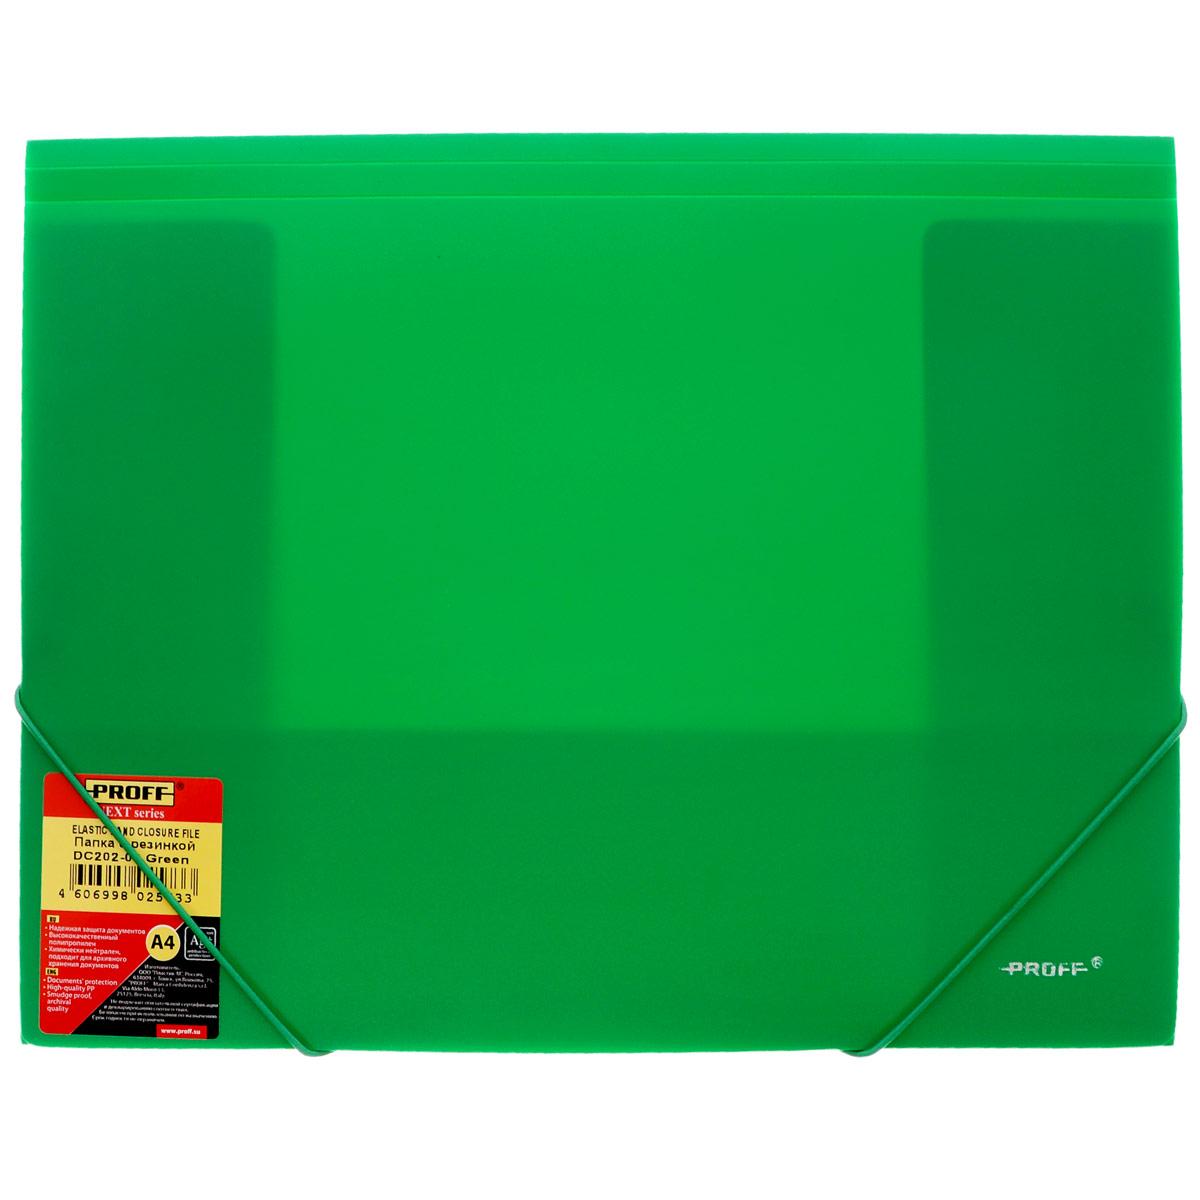 Папка на резинке Proff Next, цвет: зеленый, 3 клапана. Формат А4. DC202-03DC202-03Папка на резинке Proff Next, изготовленная из высококачественного плотногополипропилена, это удобный и практичный офисный инструмент, предназначенный для хранения и транспортировки рабочих бумаг и документов формата А4. Матовая папка, оснащенная тремя клапанами внутри для надежного удержания бумаг, закрывается при помощи угловых резинок. Согнув клапаны по линии биговки, можно легко увеличить объем папки, что позволит вместить большее количество документов.Папка на резинке - это незаменимый атрибут для студента, школьника, офисного работника. Такая папка надежно сохранит ваши документы и сбережет их от повреждений, пыли и влаги.